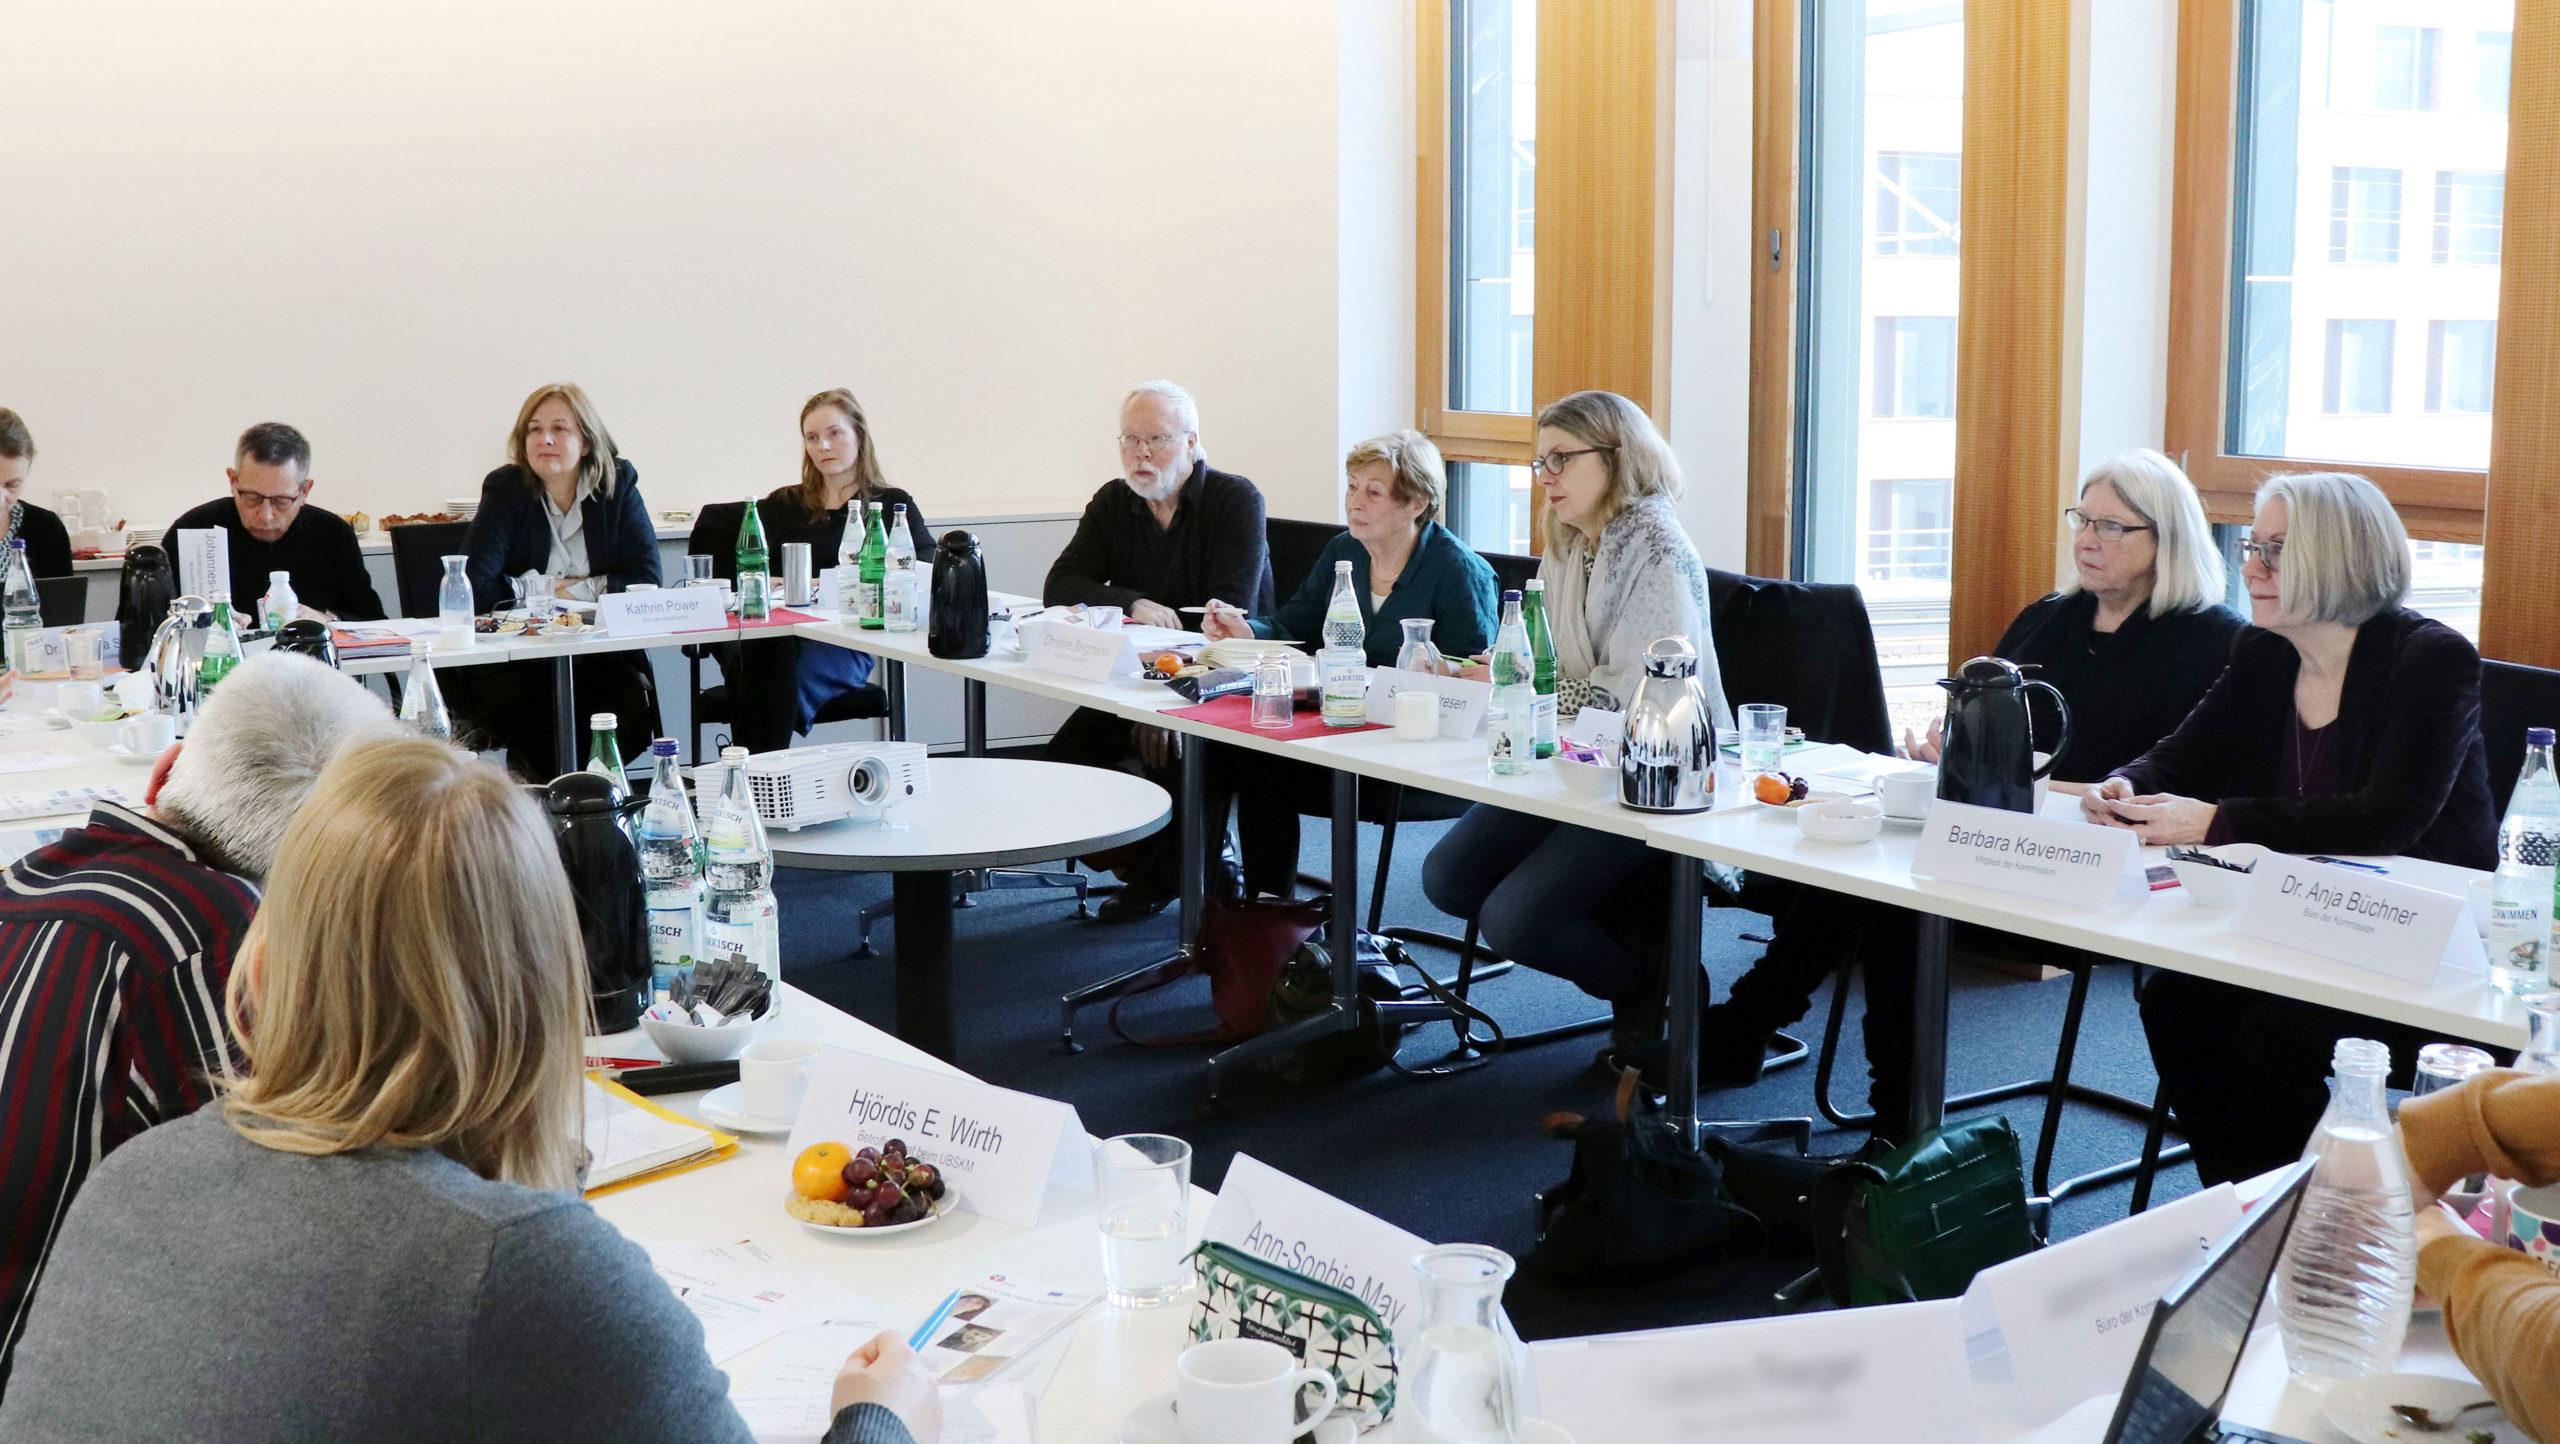 Die Unabhängige Kommission zur Aufarbeitung Sexuellen Kindesmissbrauchs sitzt um einen Tisch